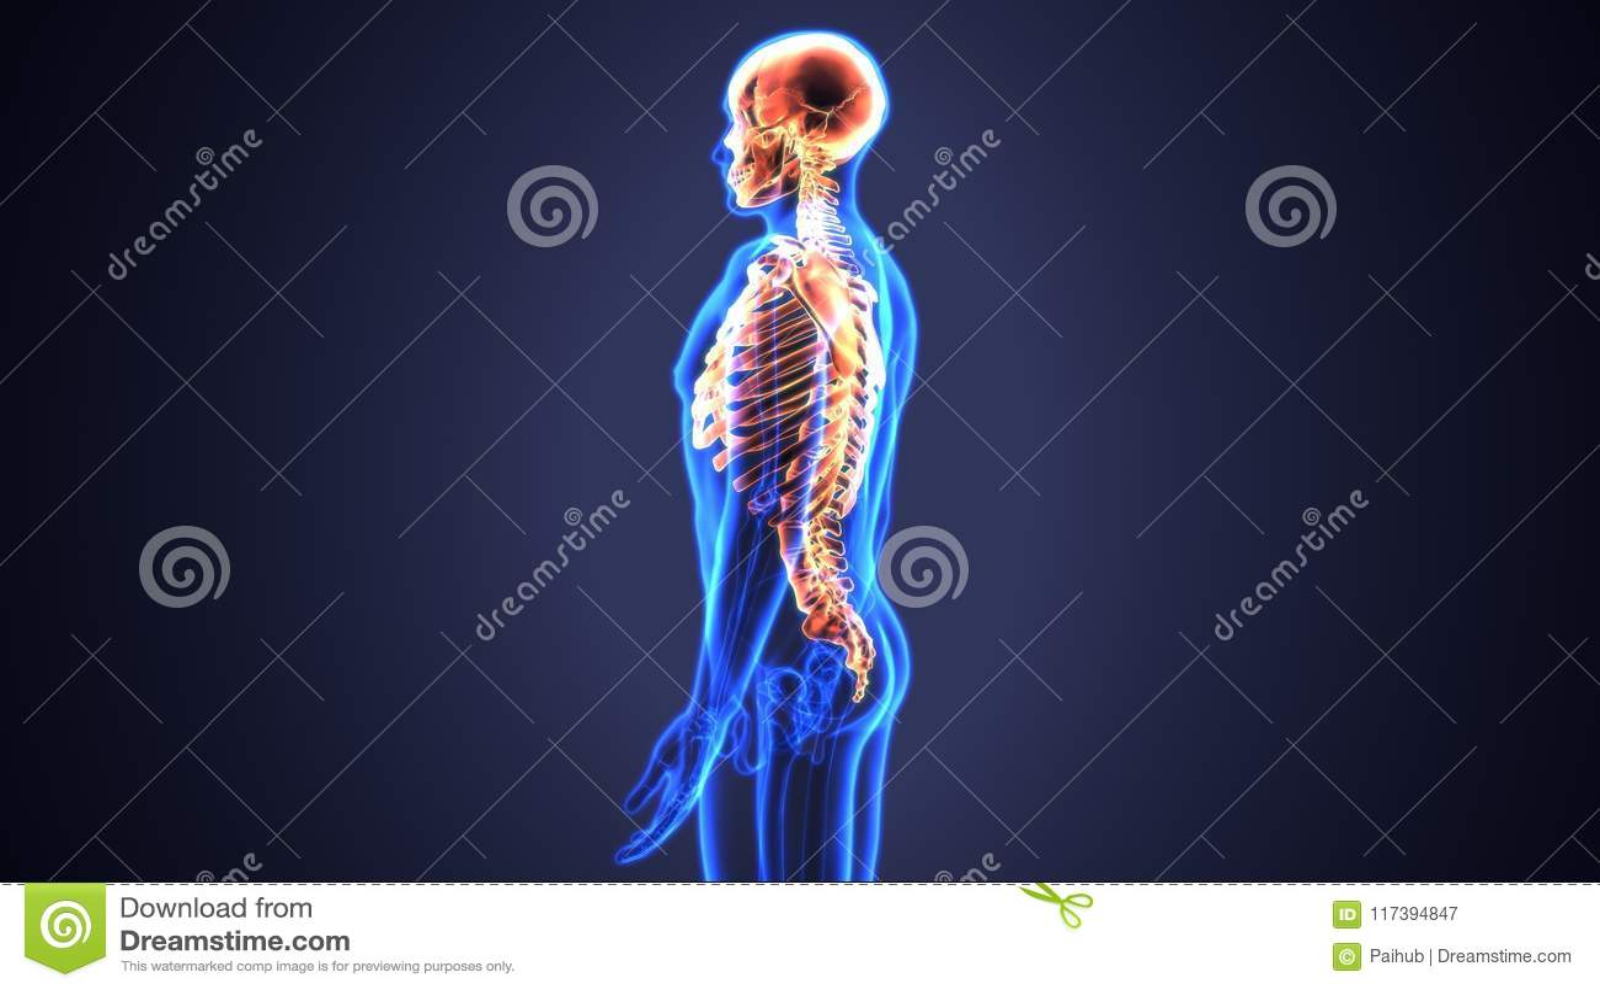 El Ejemplo 3d Del Esqueleto Axial Incluye: Cráneo, Columna Vertebral ...